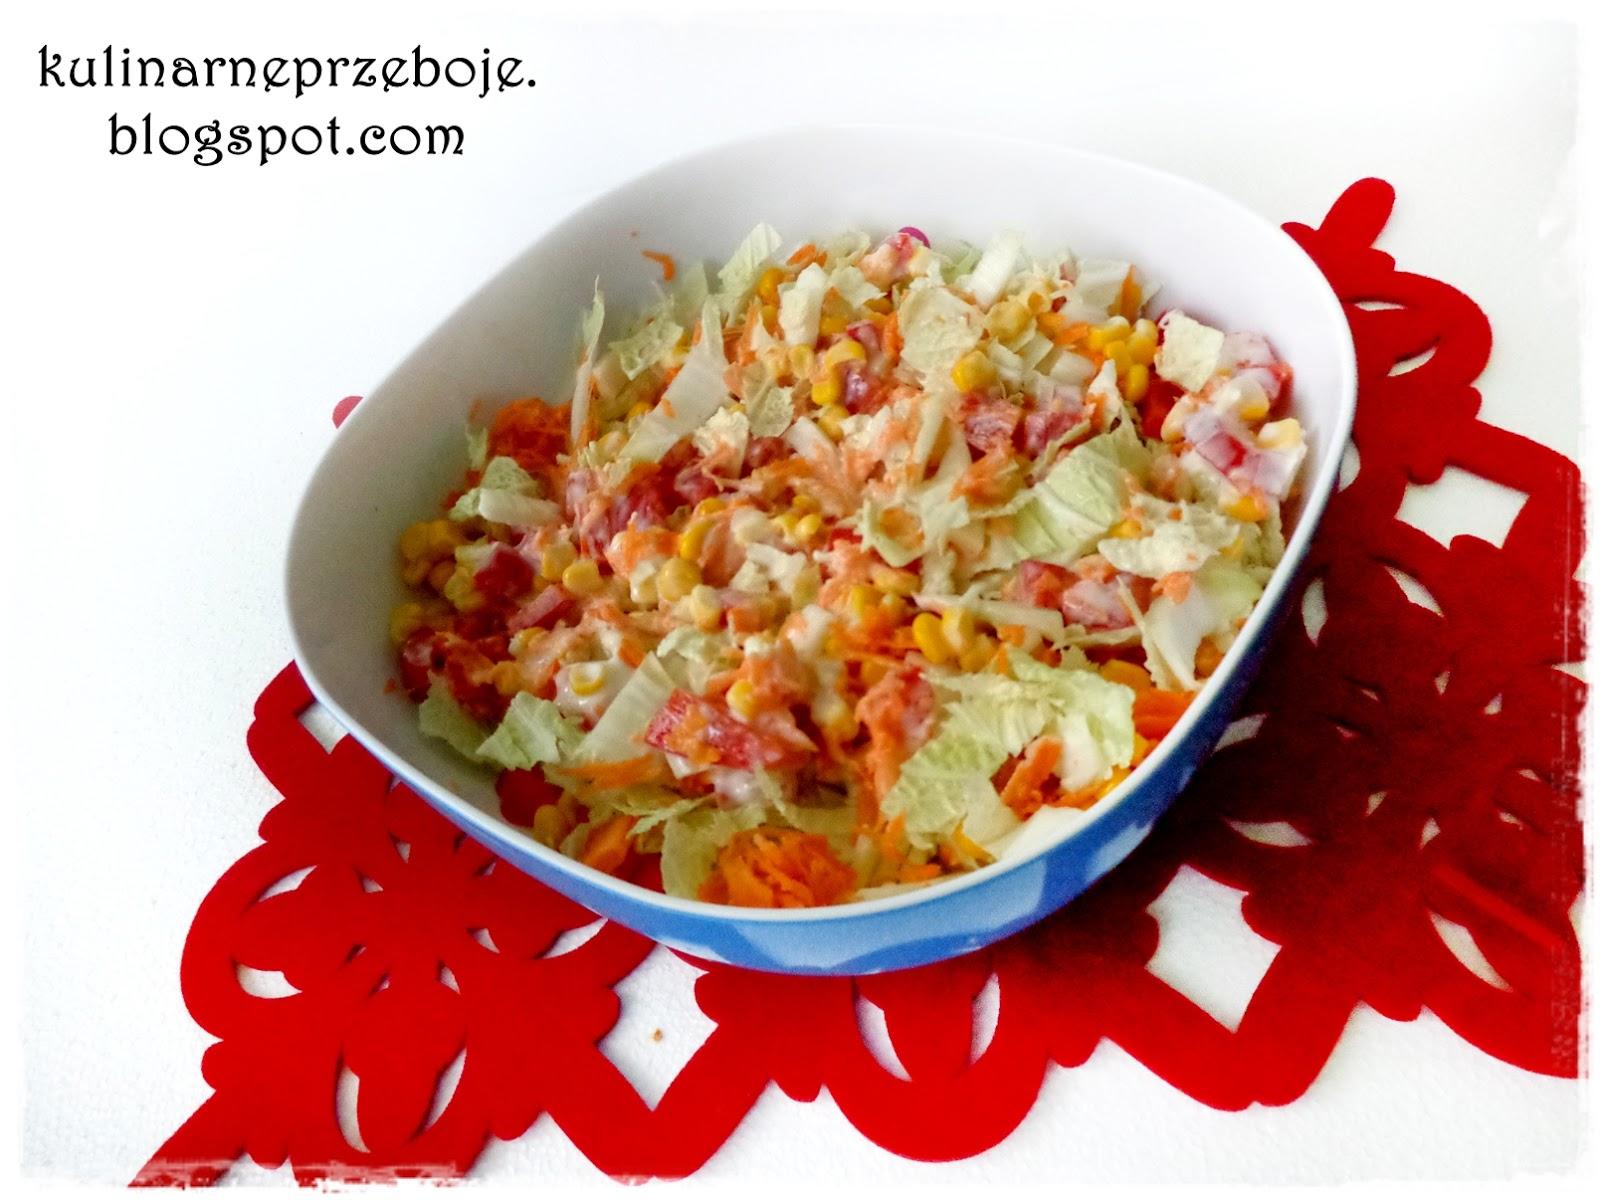 Sałatka z kapusty pekińskiej, kukurydzy, marchewki i czerwonej papryki